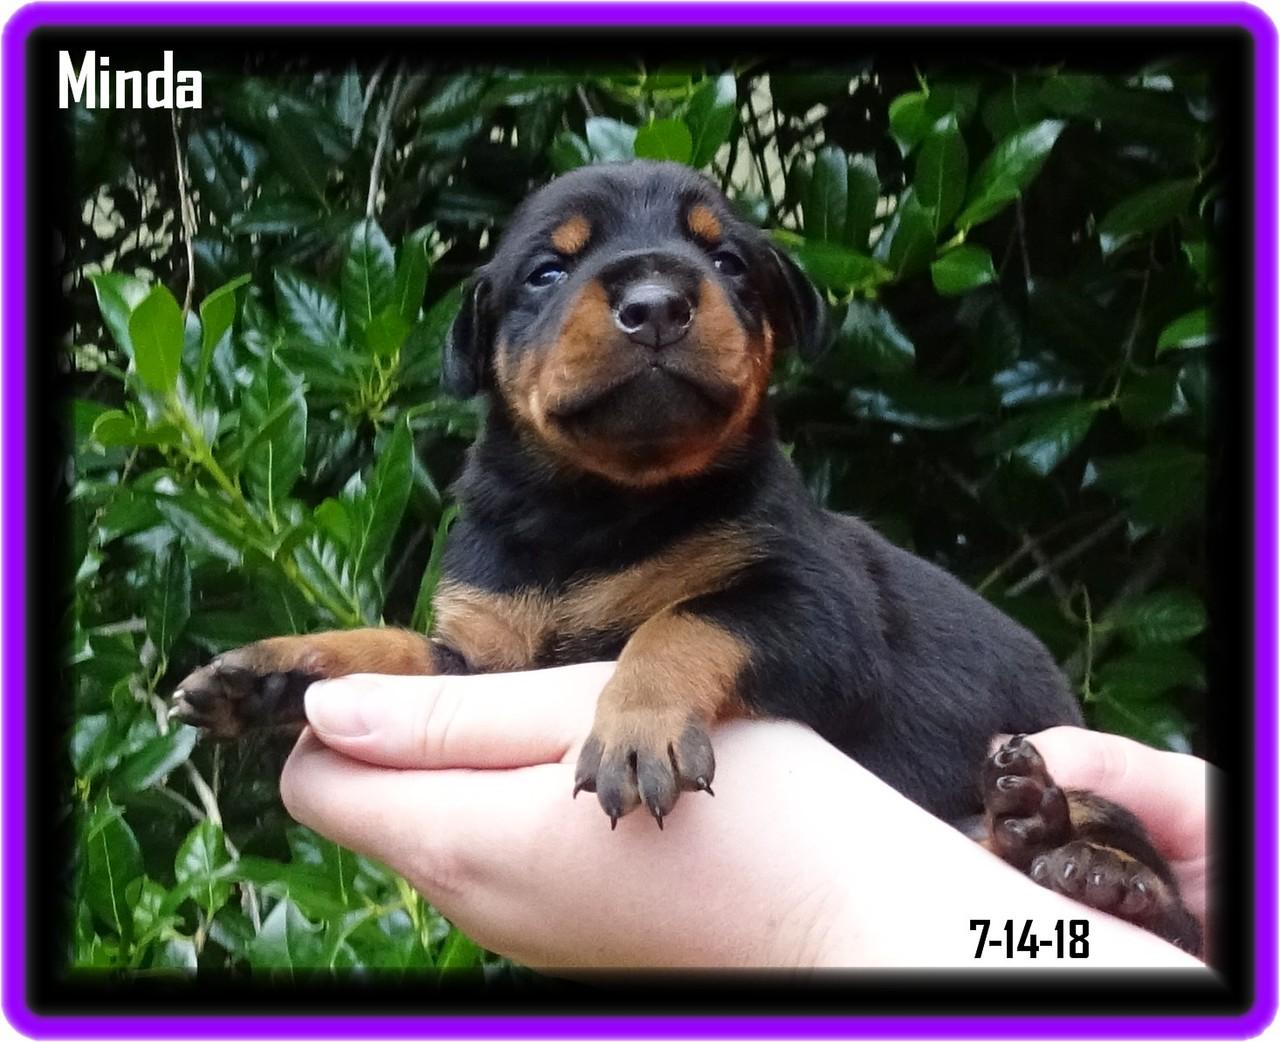 Minda - Star baby / Reserved  - Charleston SC ... started GV program